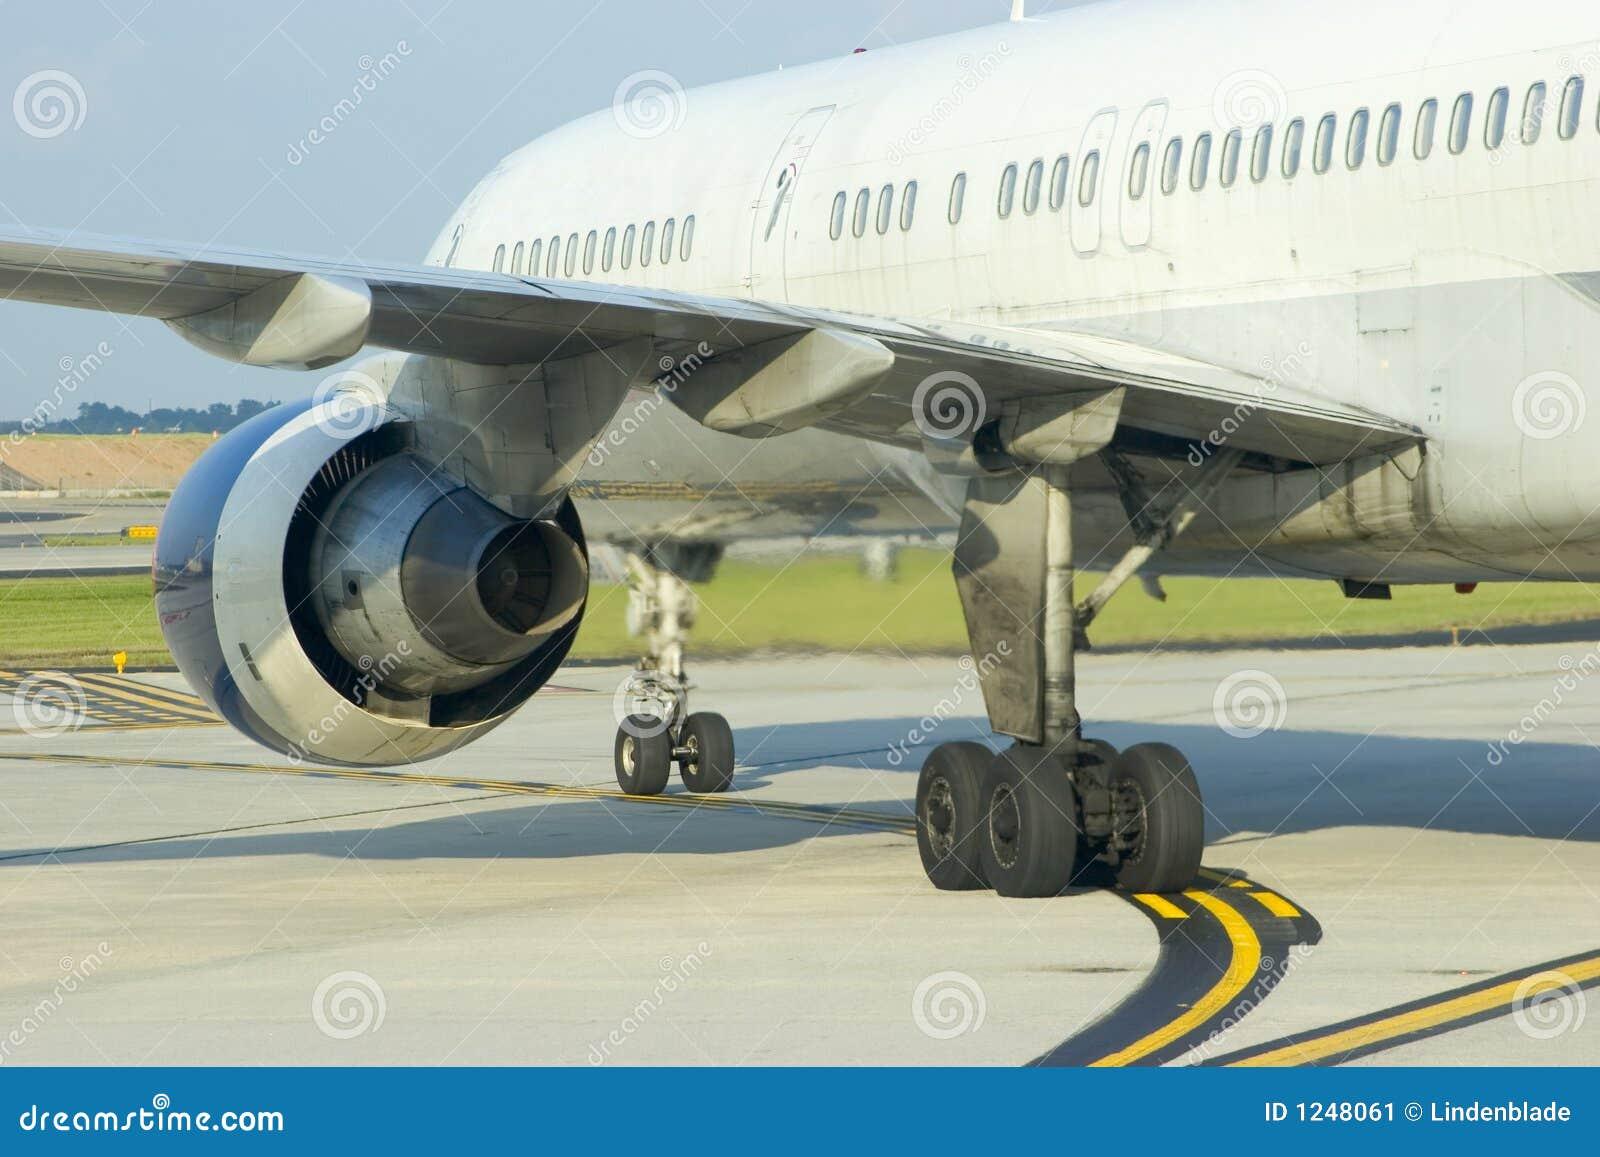 飞机引擎后方